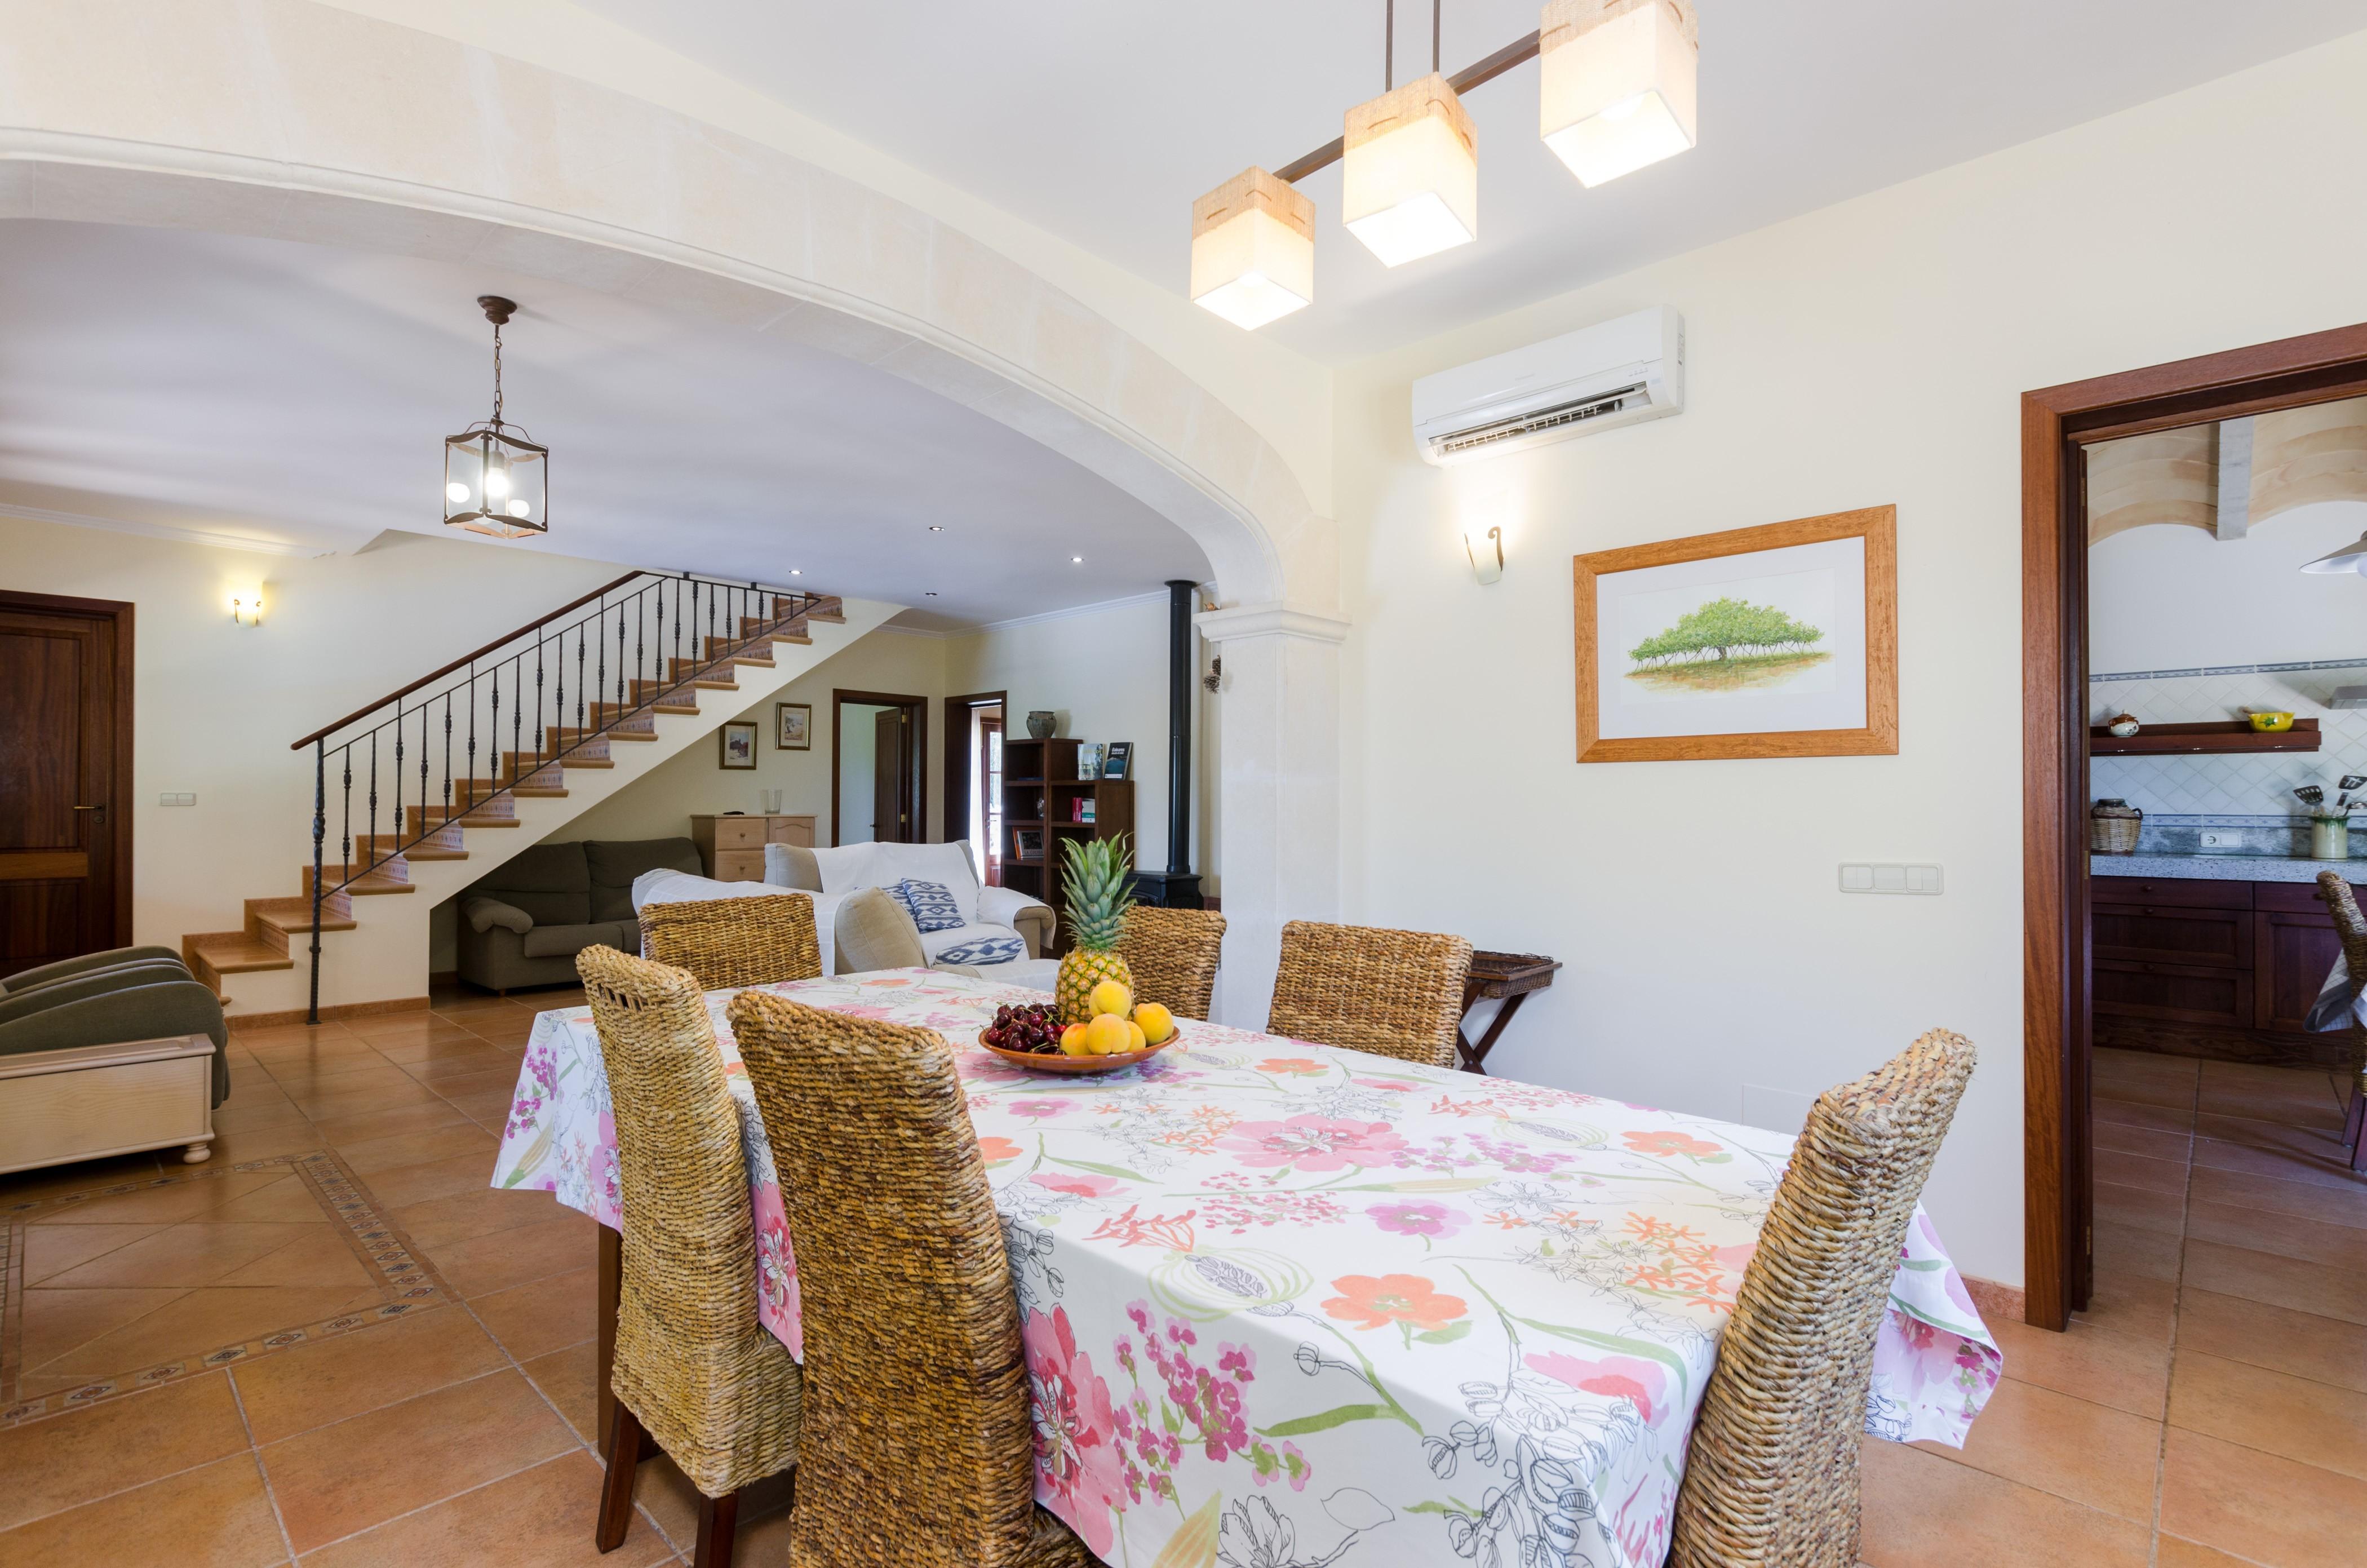 Maison de vacances ES VEDAT (2632993), Lloret de Vistalegre, Majorque, Iles Baléares, Espagne, image 15